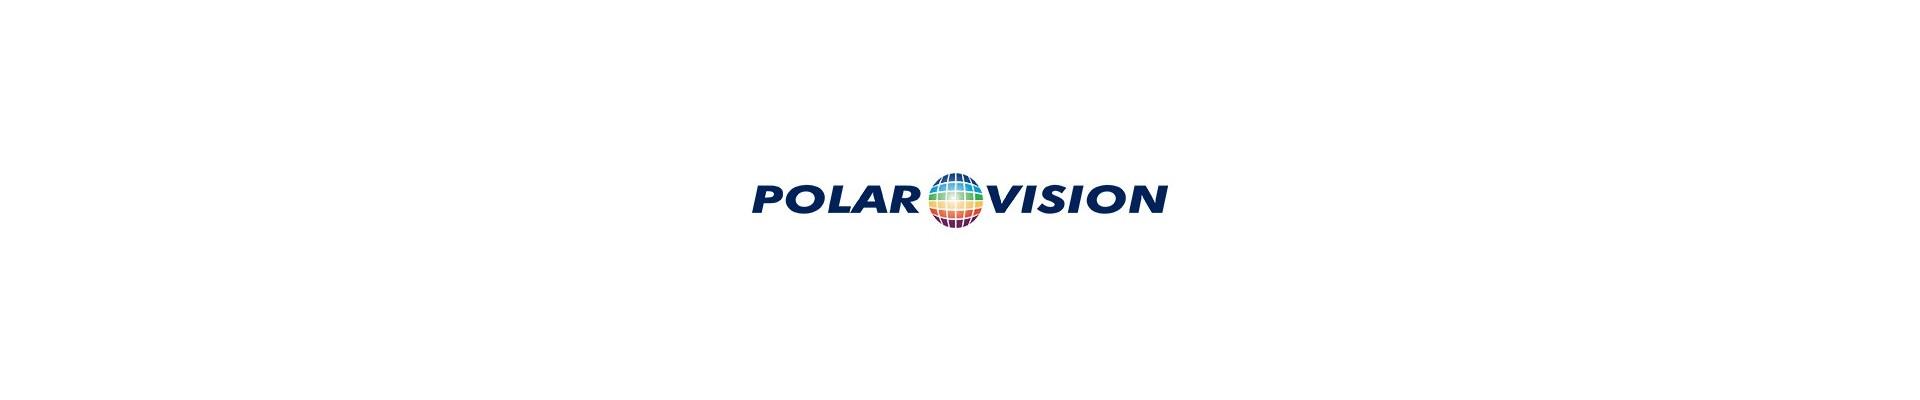 Polar Vision